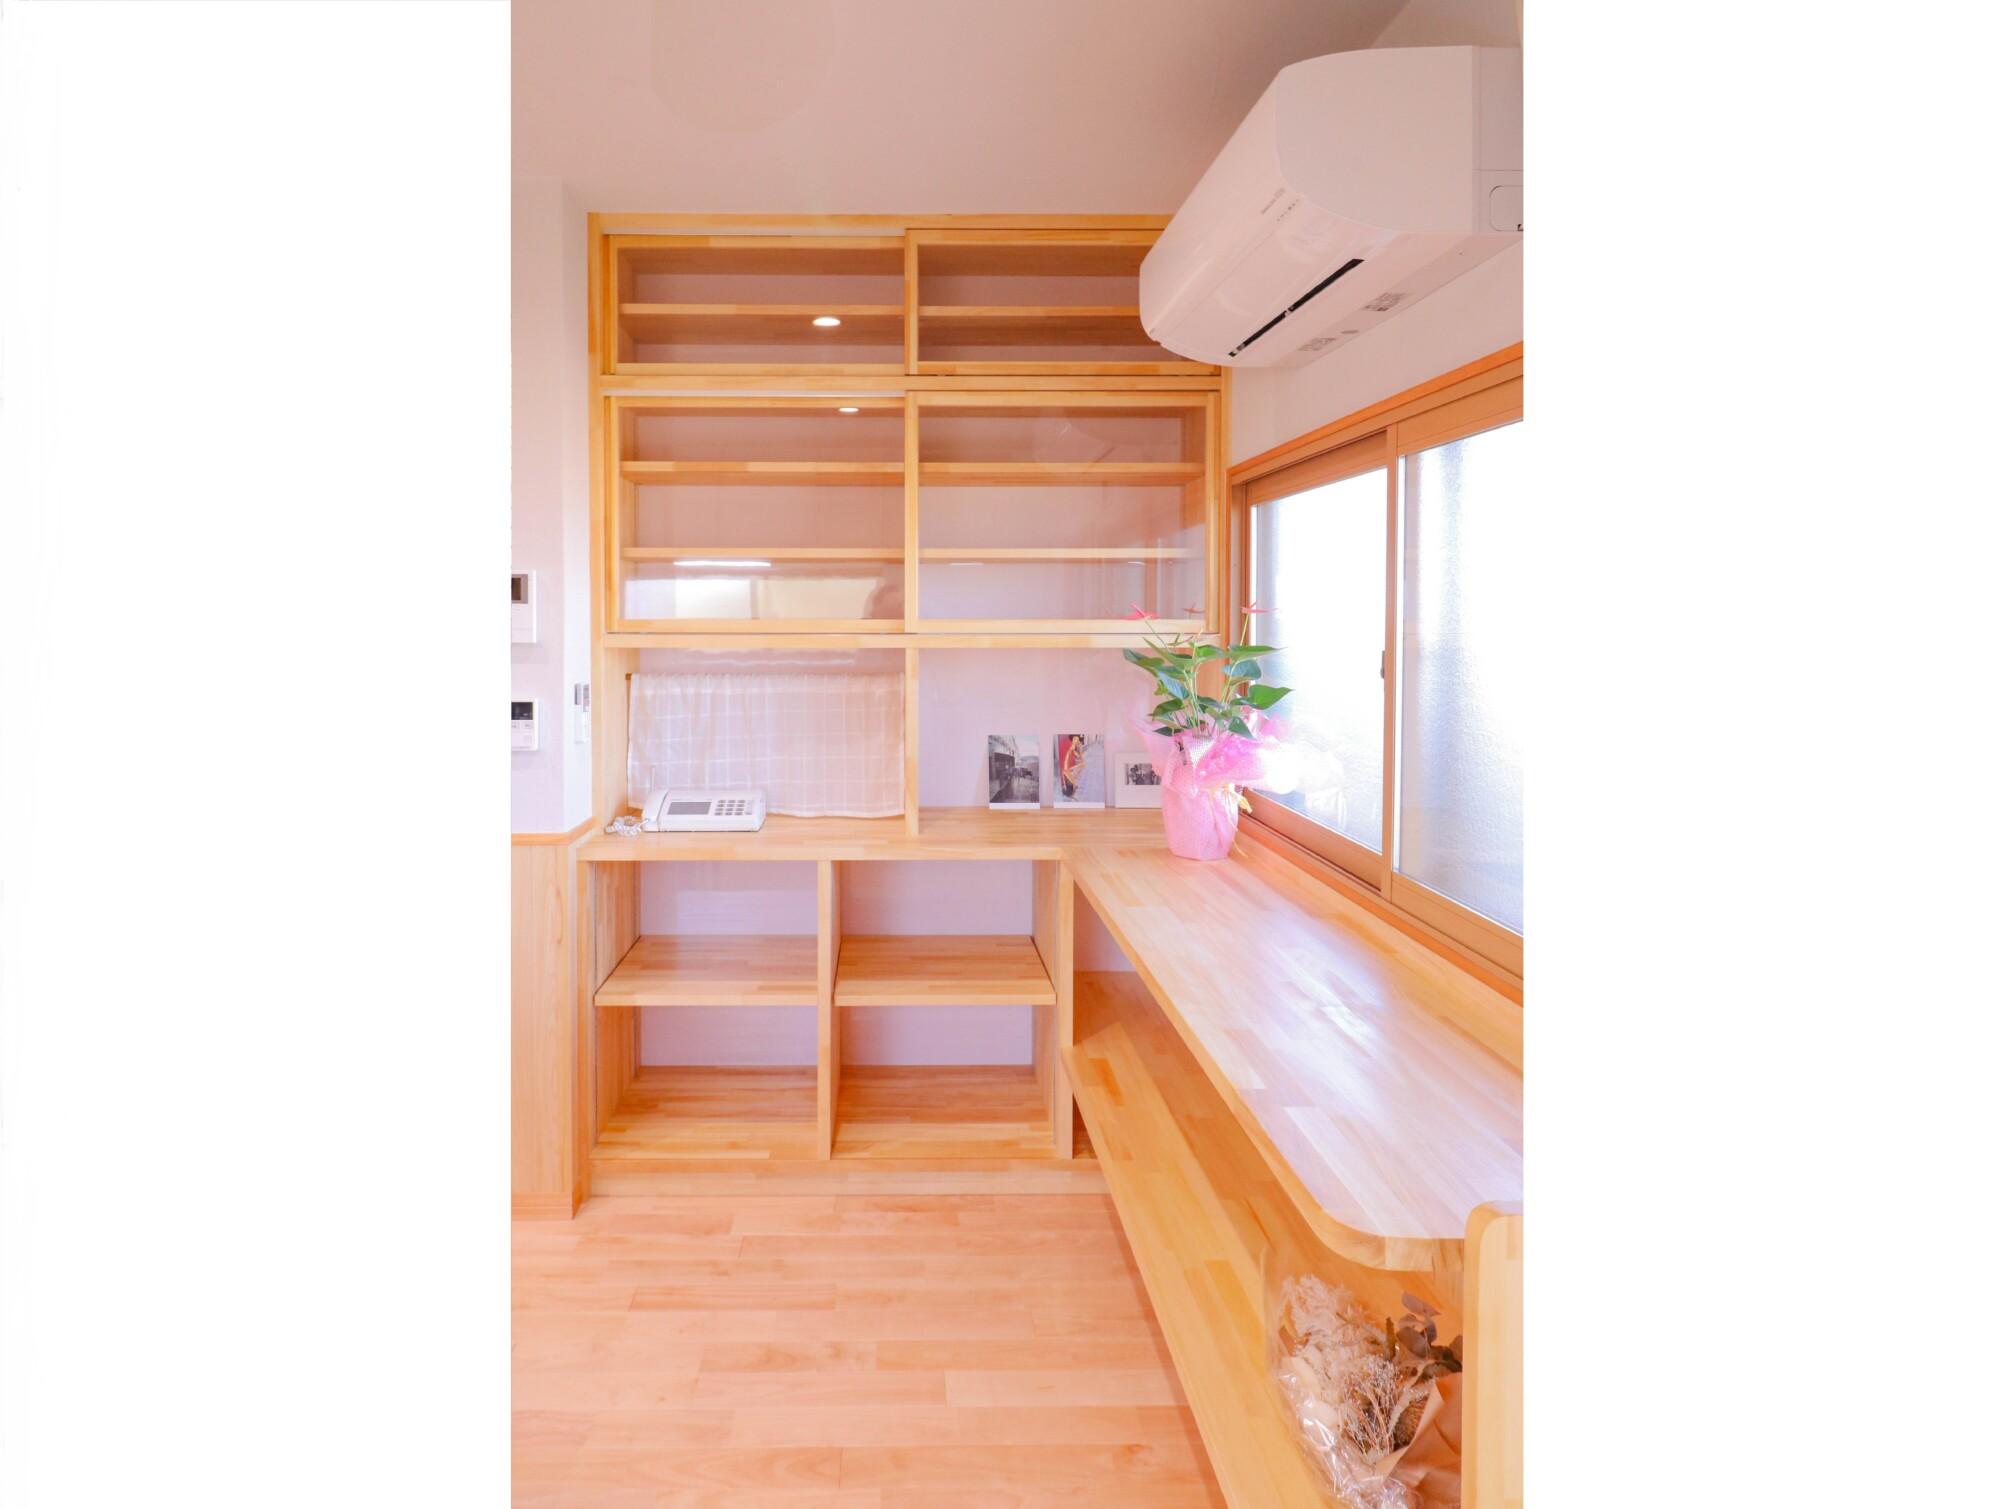 佐賀市川副町 S様 住宅改修工事『いつまでも夫婦で幸せに過ごす、やすらぎの時間』